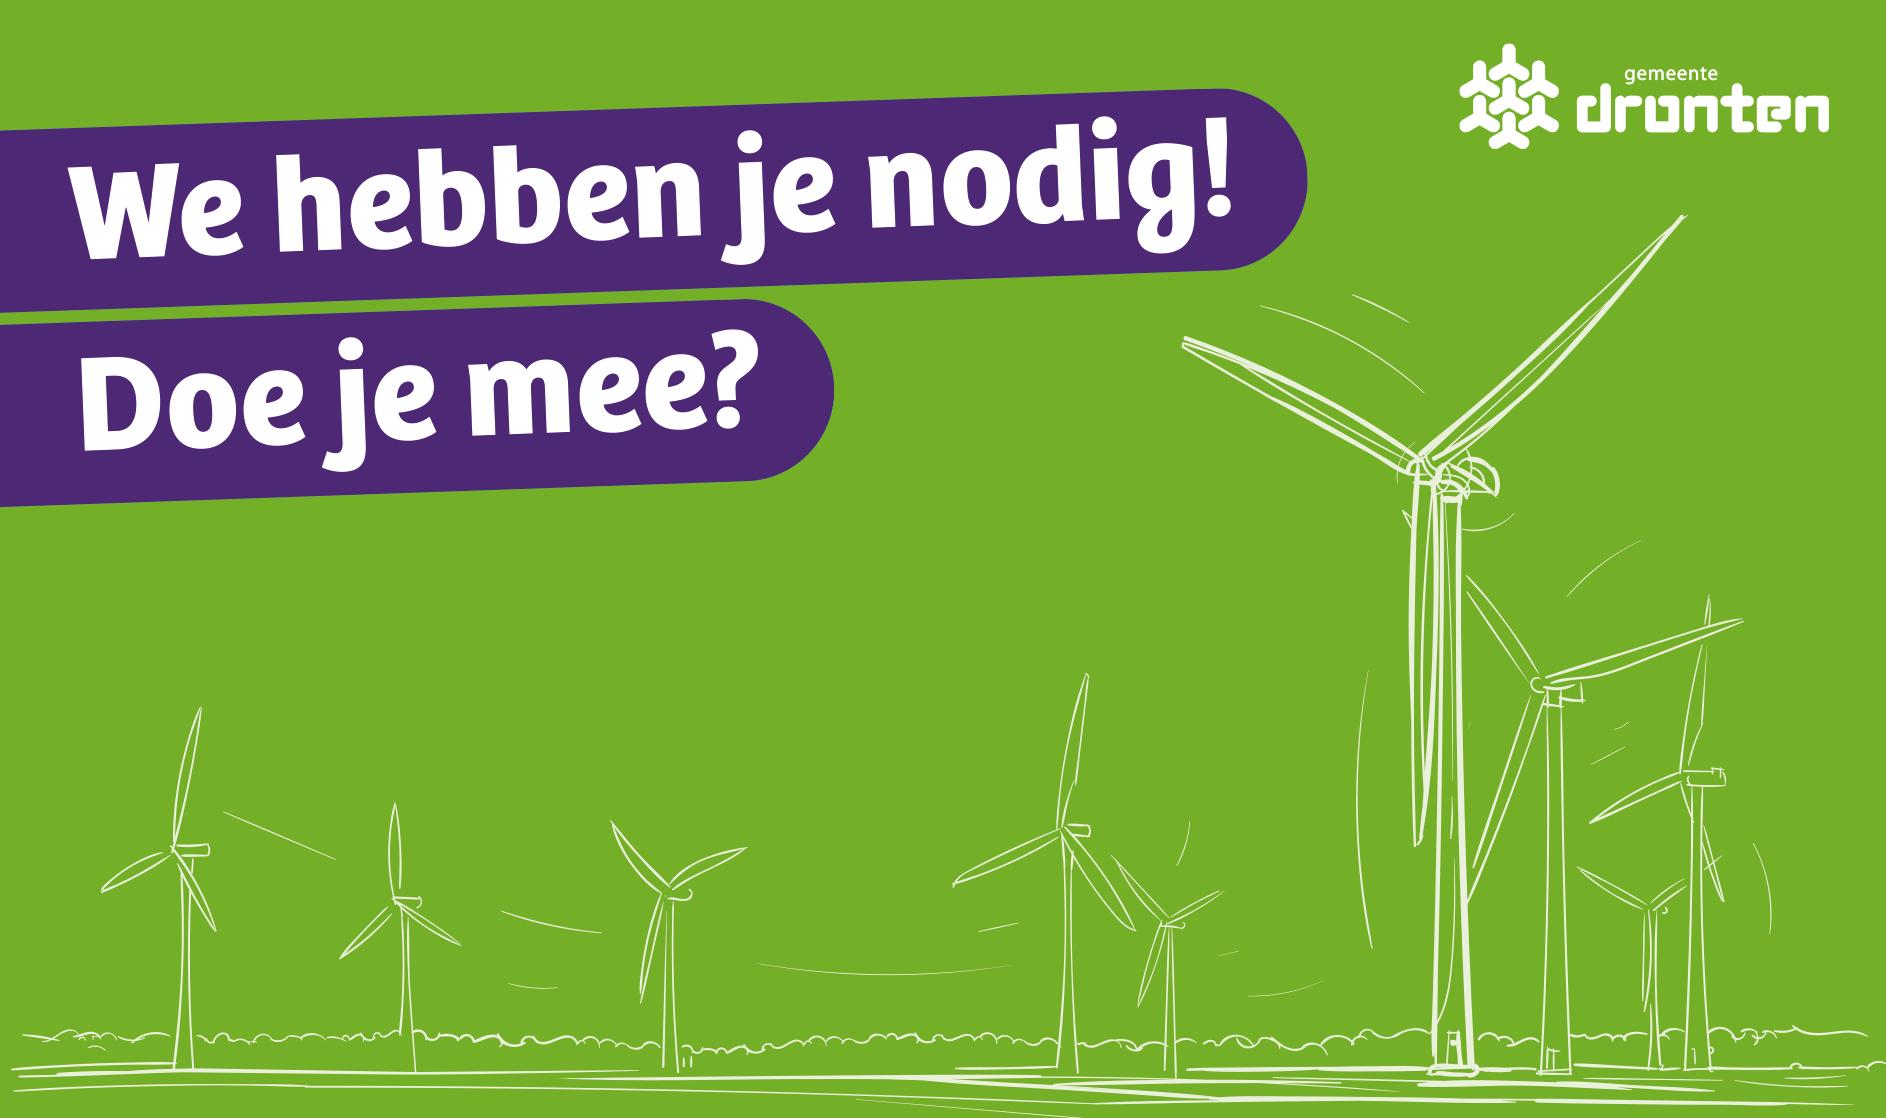 Windplanblauw stelt een deel van de opbrengst ter beschikking voor projecten in de omgeving